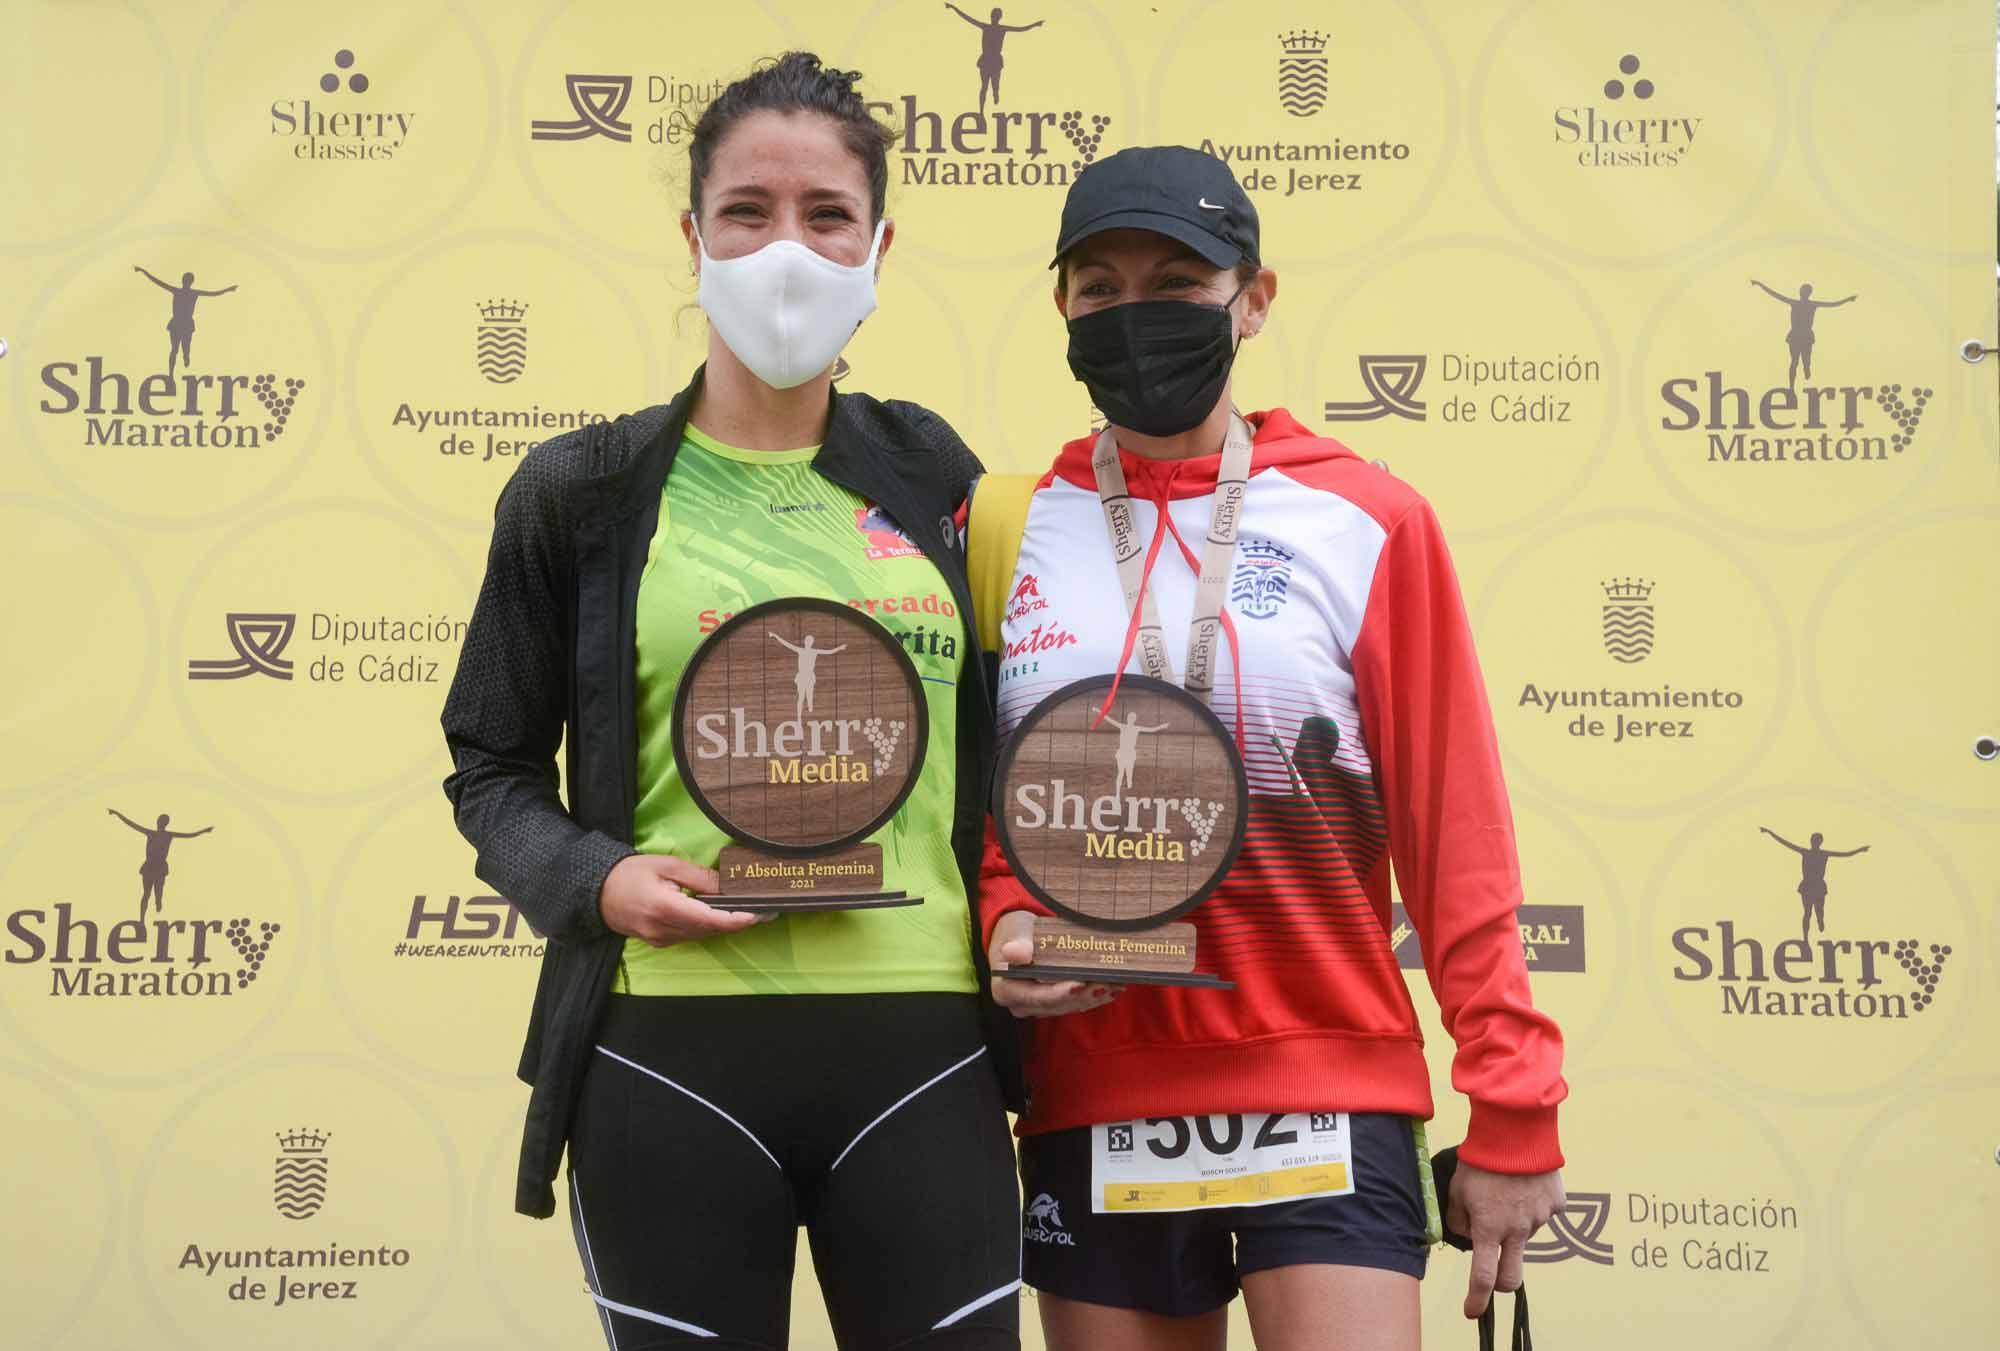 Ganadoras Sherry Maraton